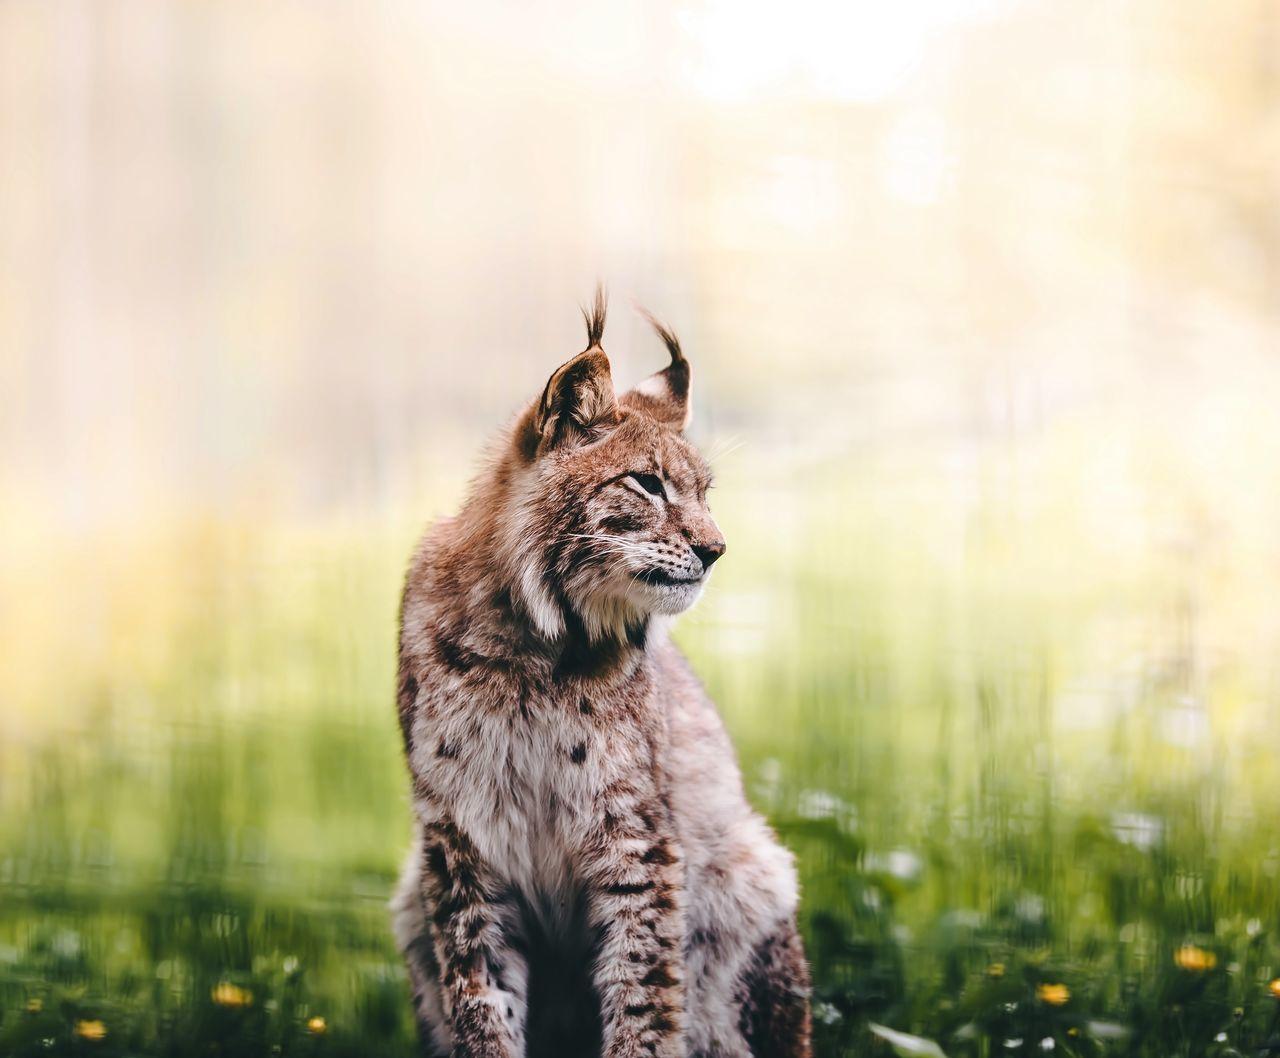 Lynx sitting on field